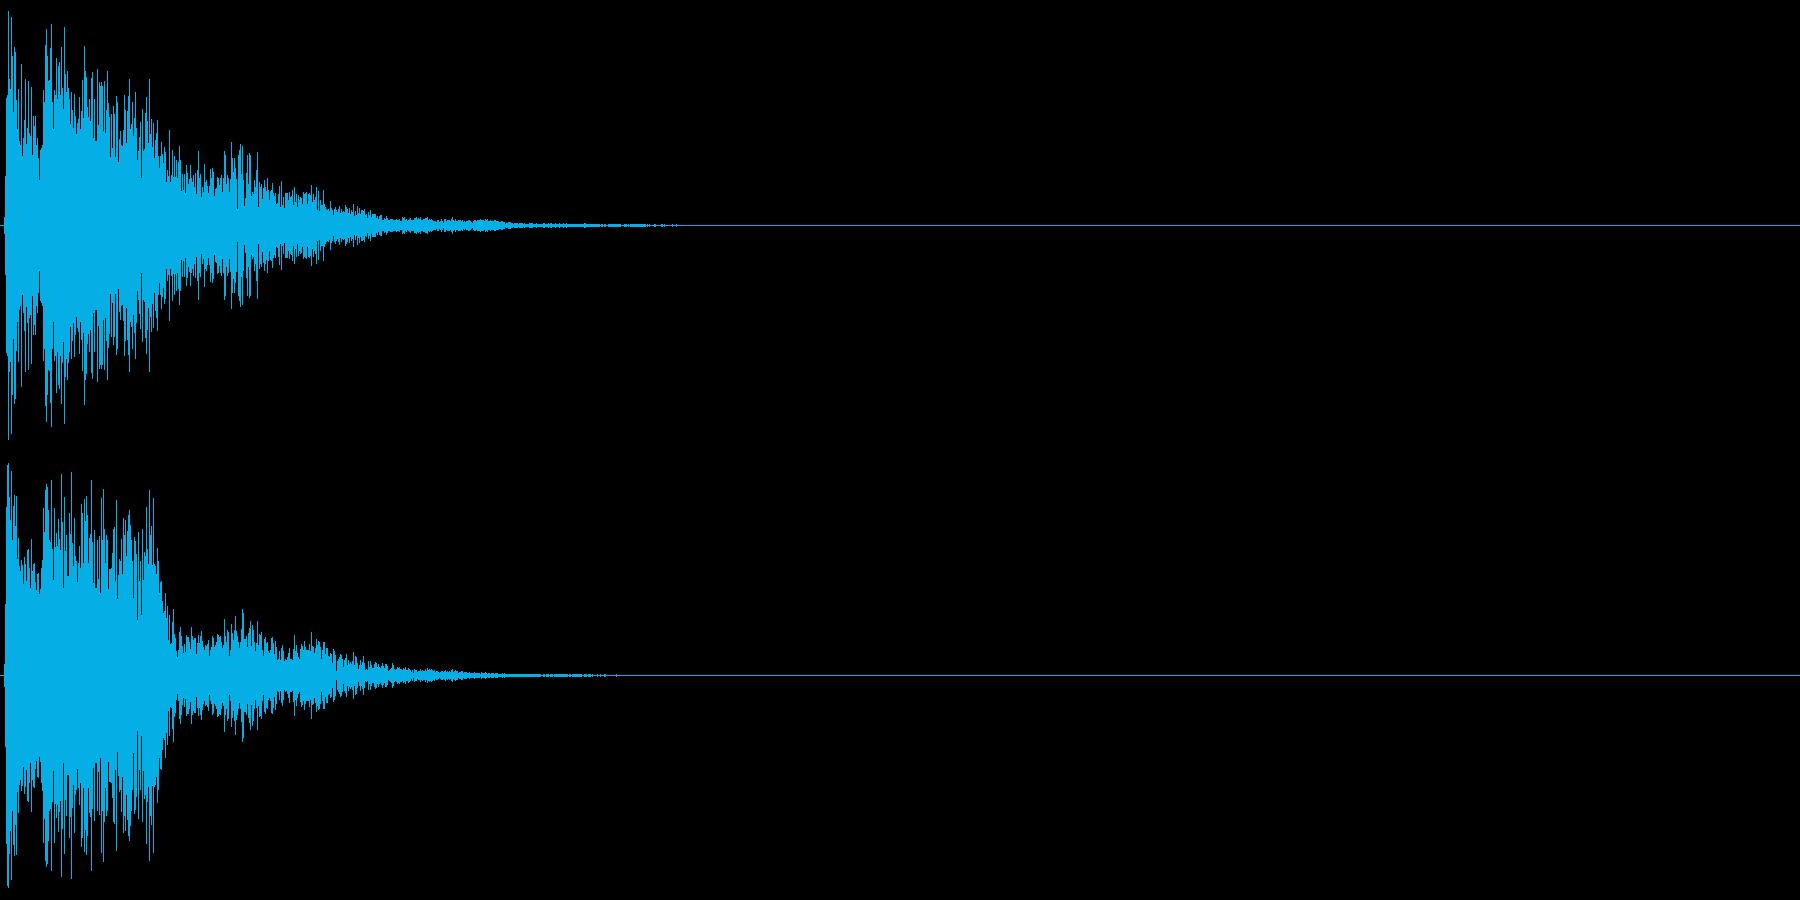 キラン(決定音、起動音、ゲームアプリ)の再生済みの波形